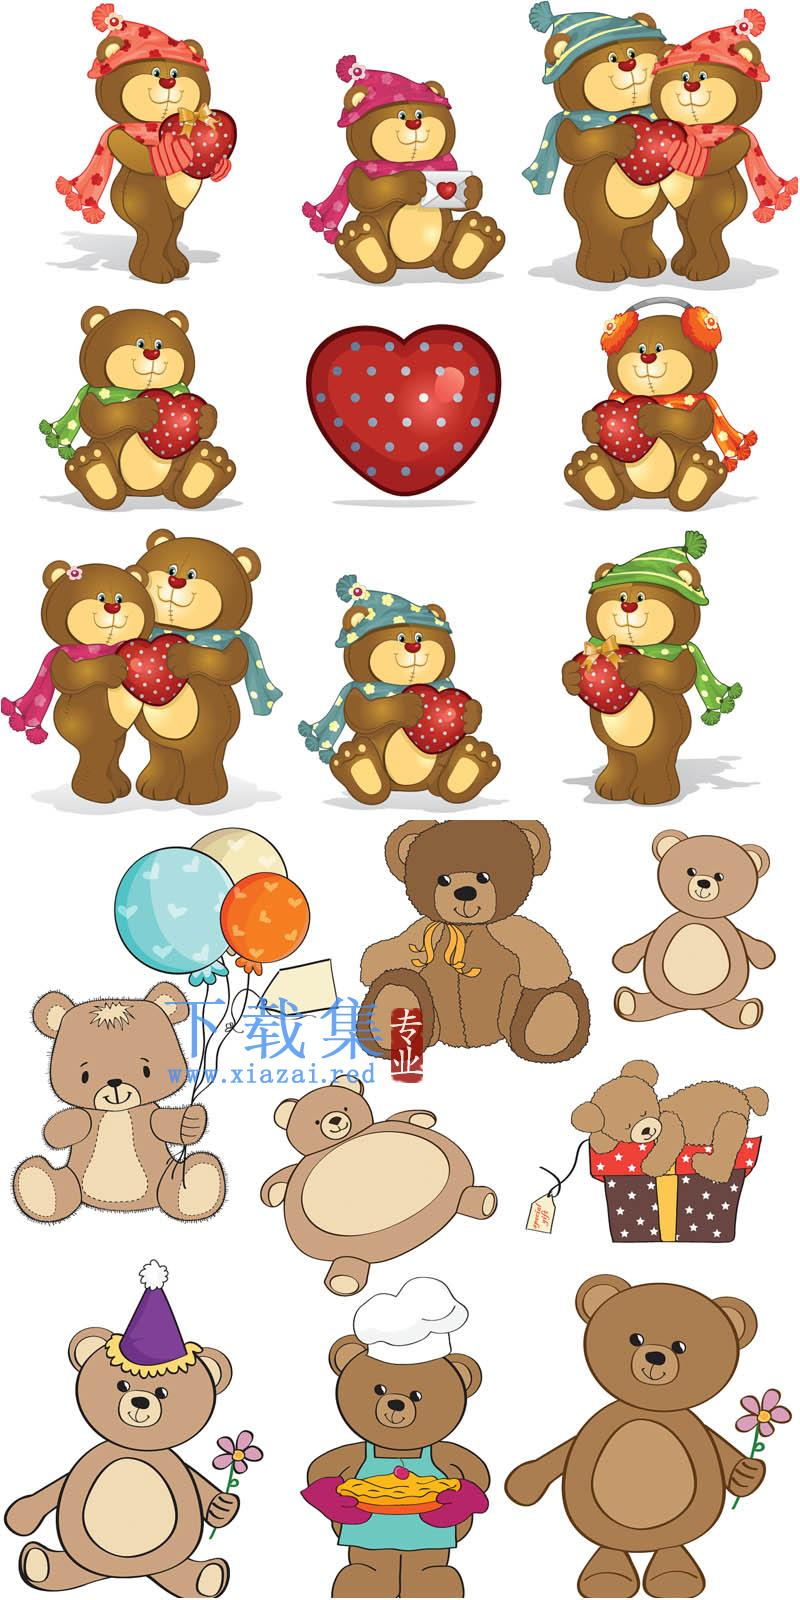 带有爱心的卡通熊AI素材  第1张